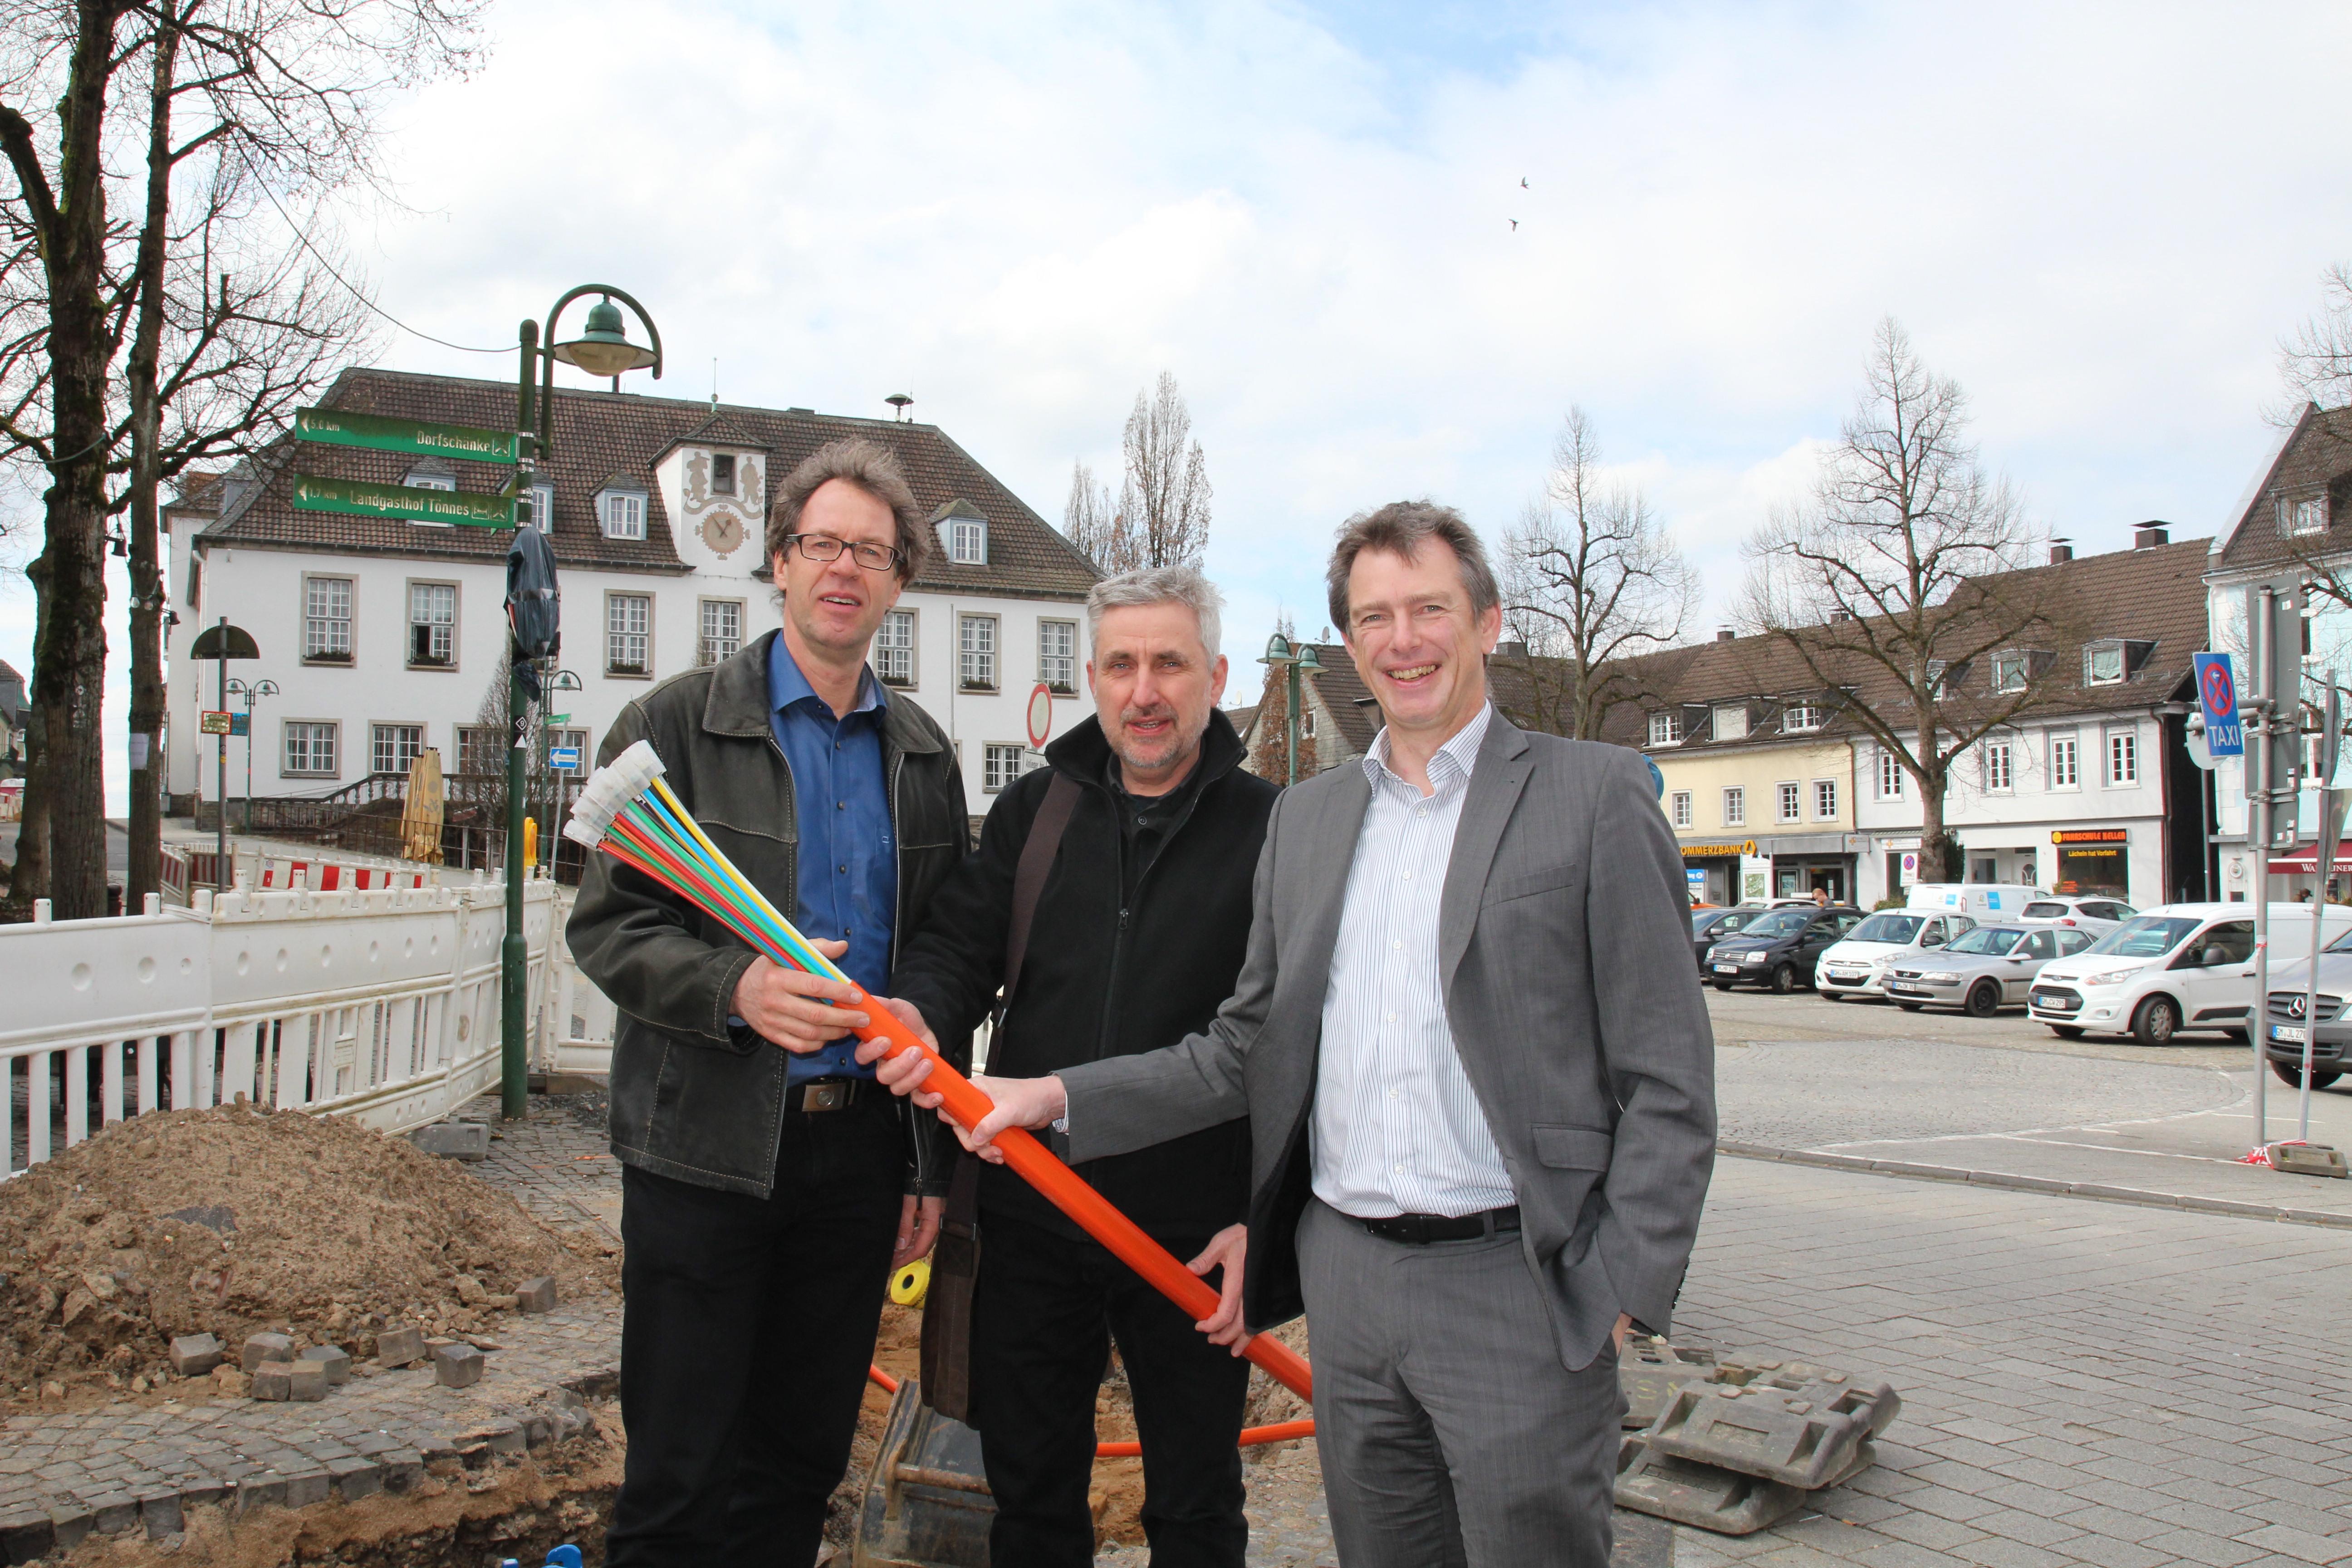 Bürgermeister Michael v. Rekowski, städtischer Mitarbeiter Gerd Müller und Geschäftsführer Jens Langner von der BEW mit einem Leerrohr für den Breitbandausbau in der Hand